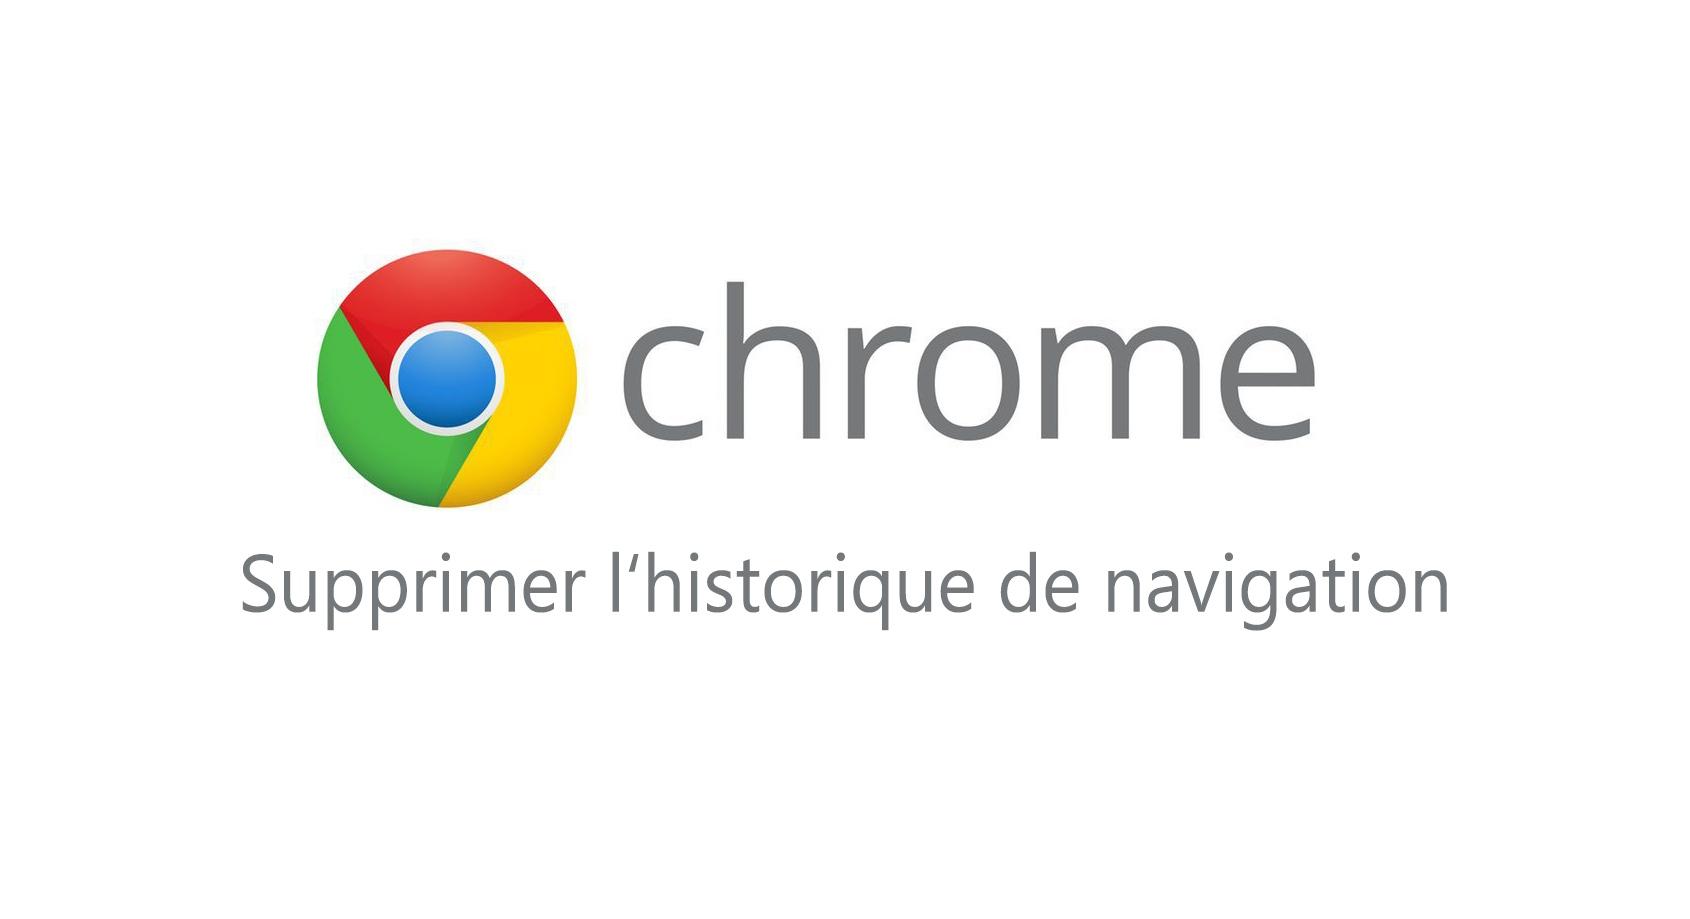 Effacer l'historique de navigation sur Google Chrome